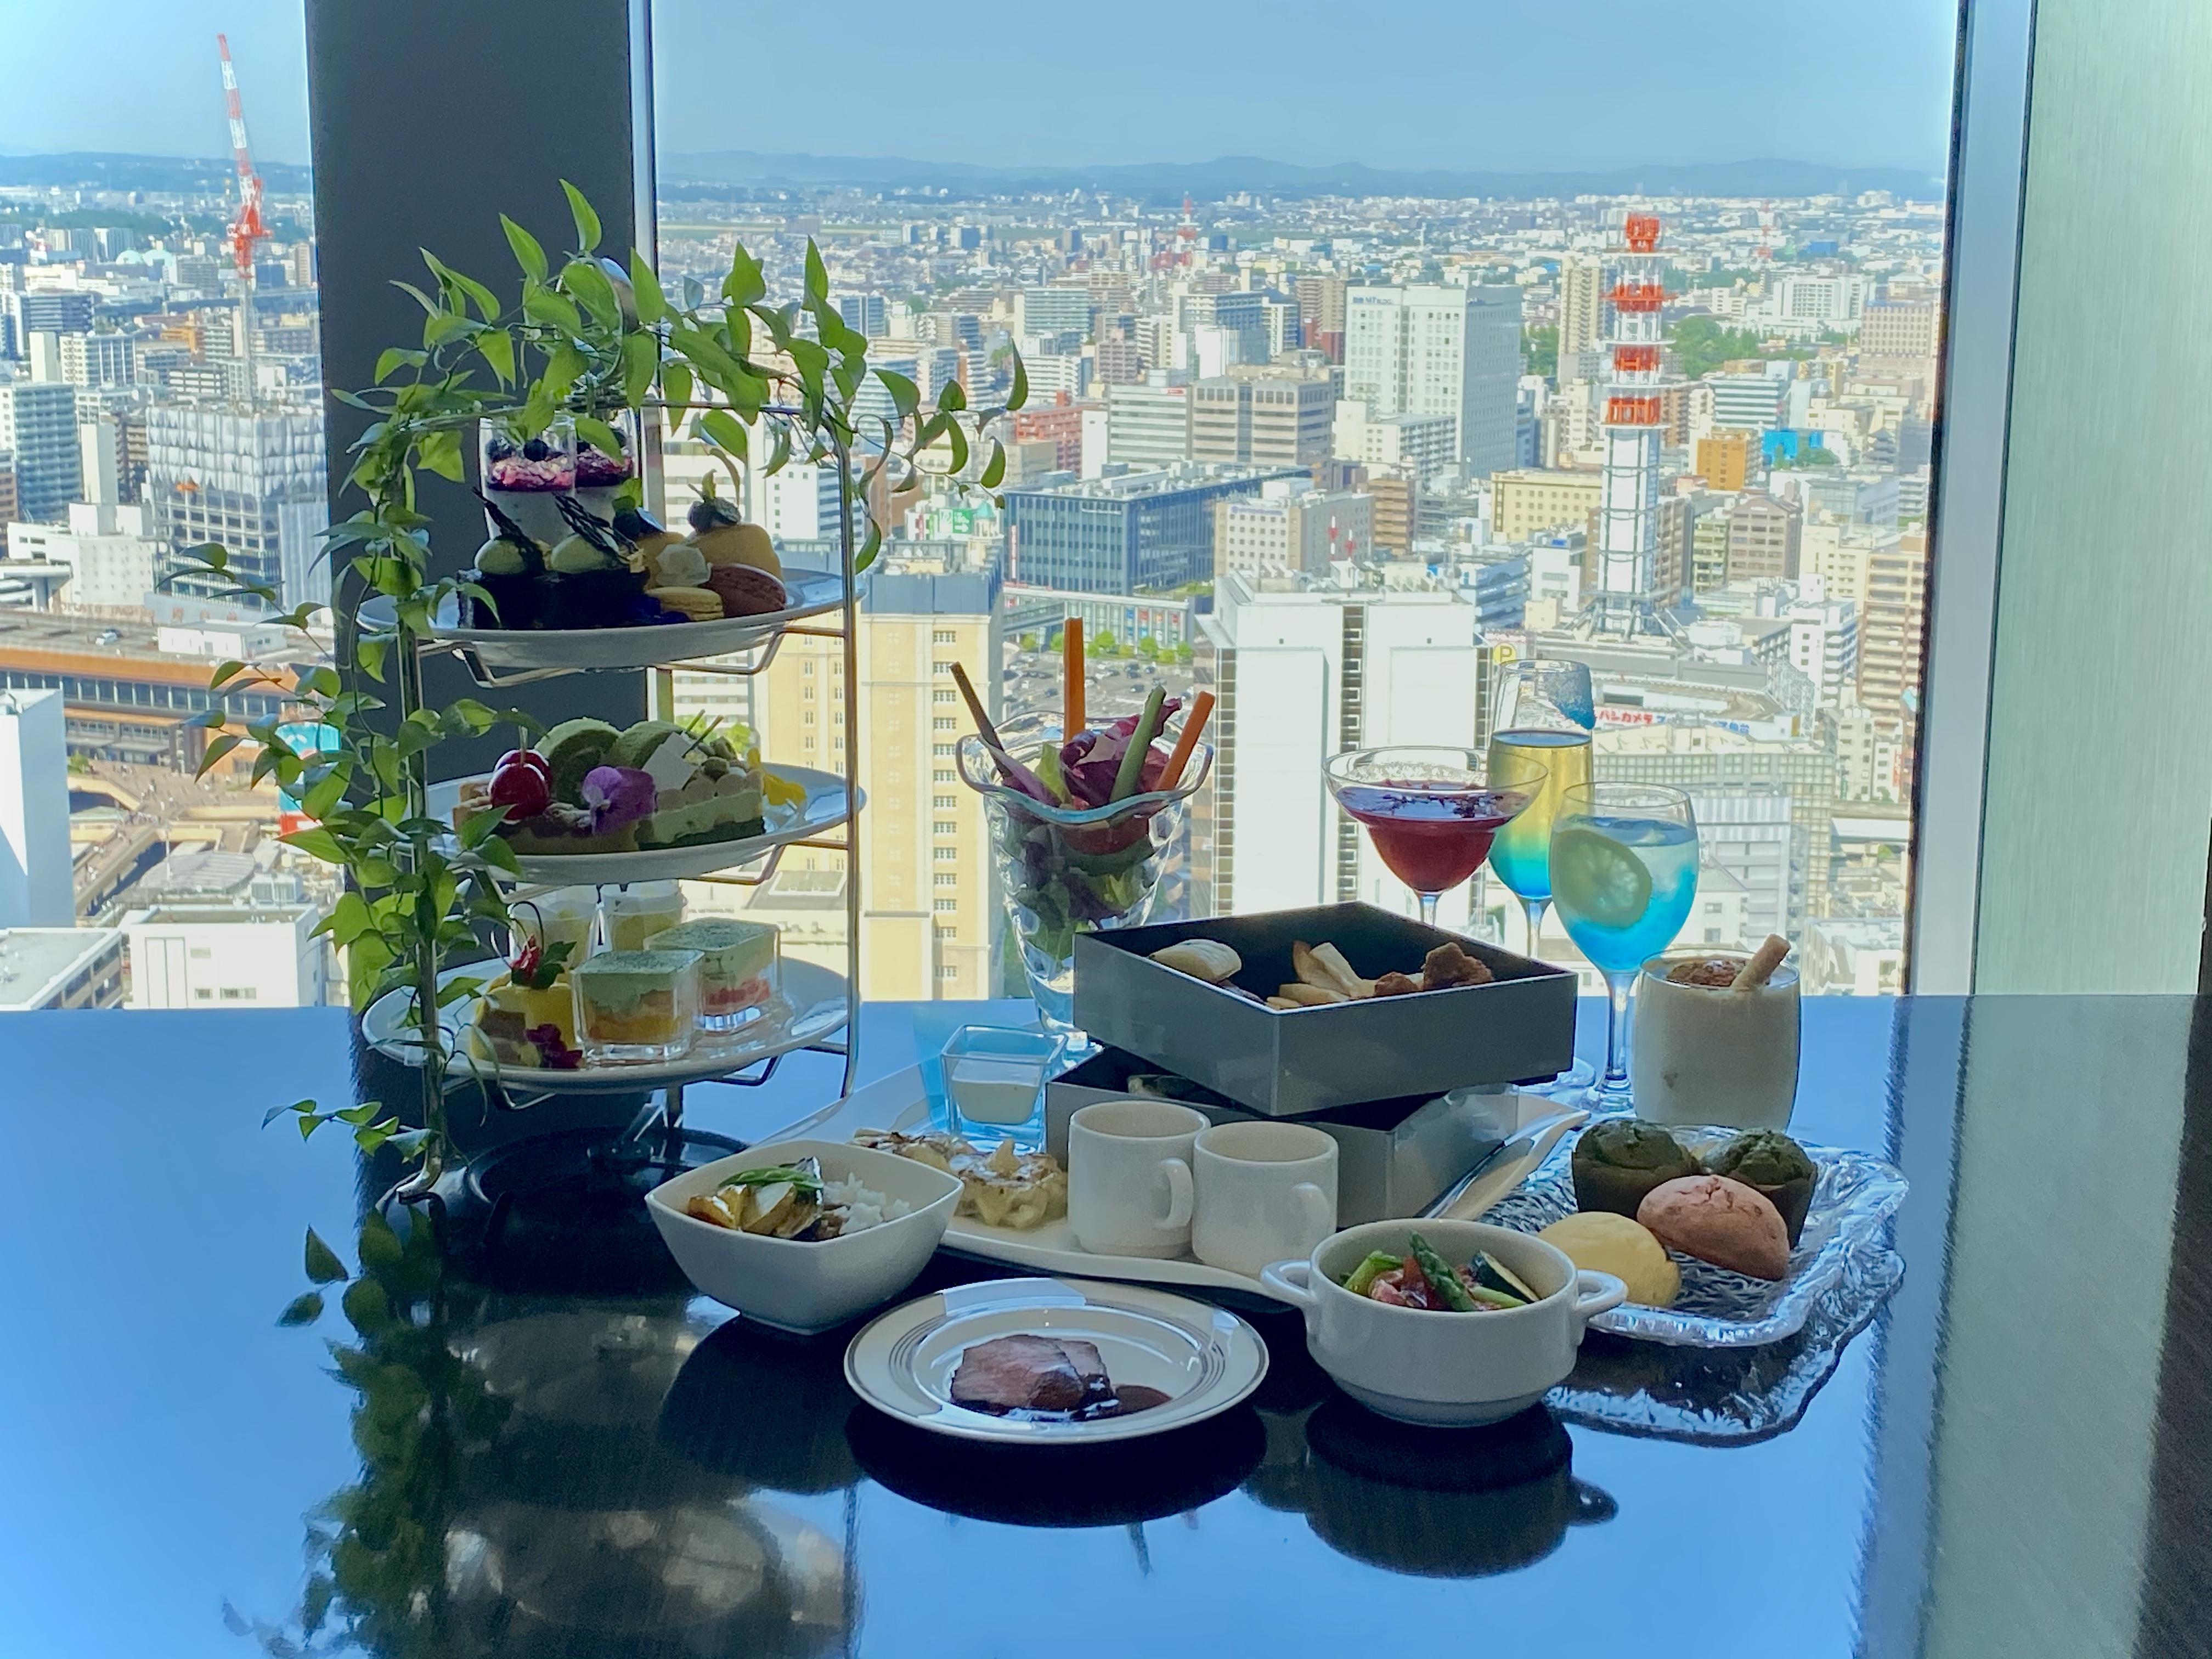 レストラン シンフォニー | ウェスティンホテル仙台ホームページ【公式 ...